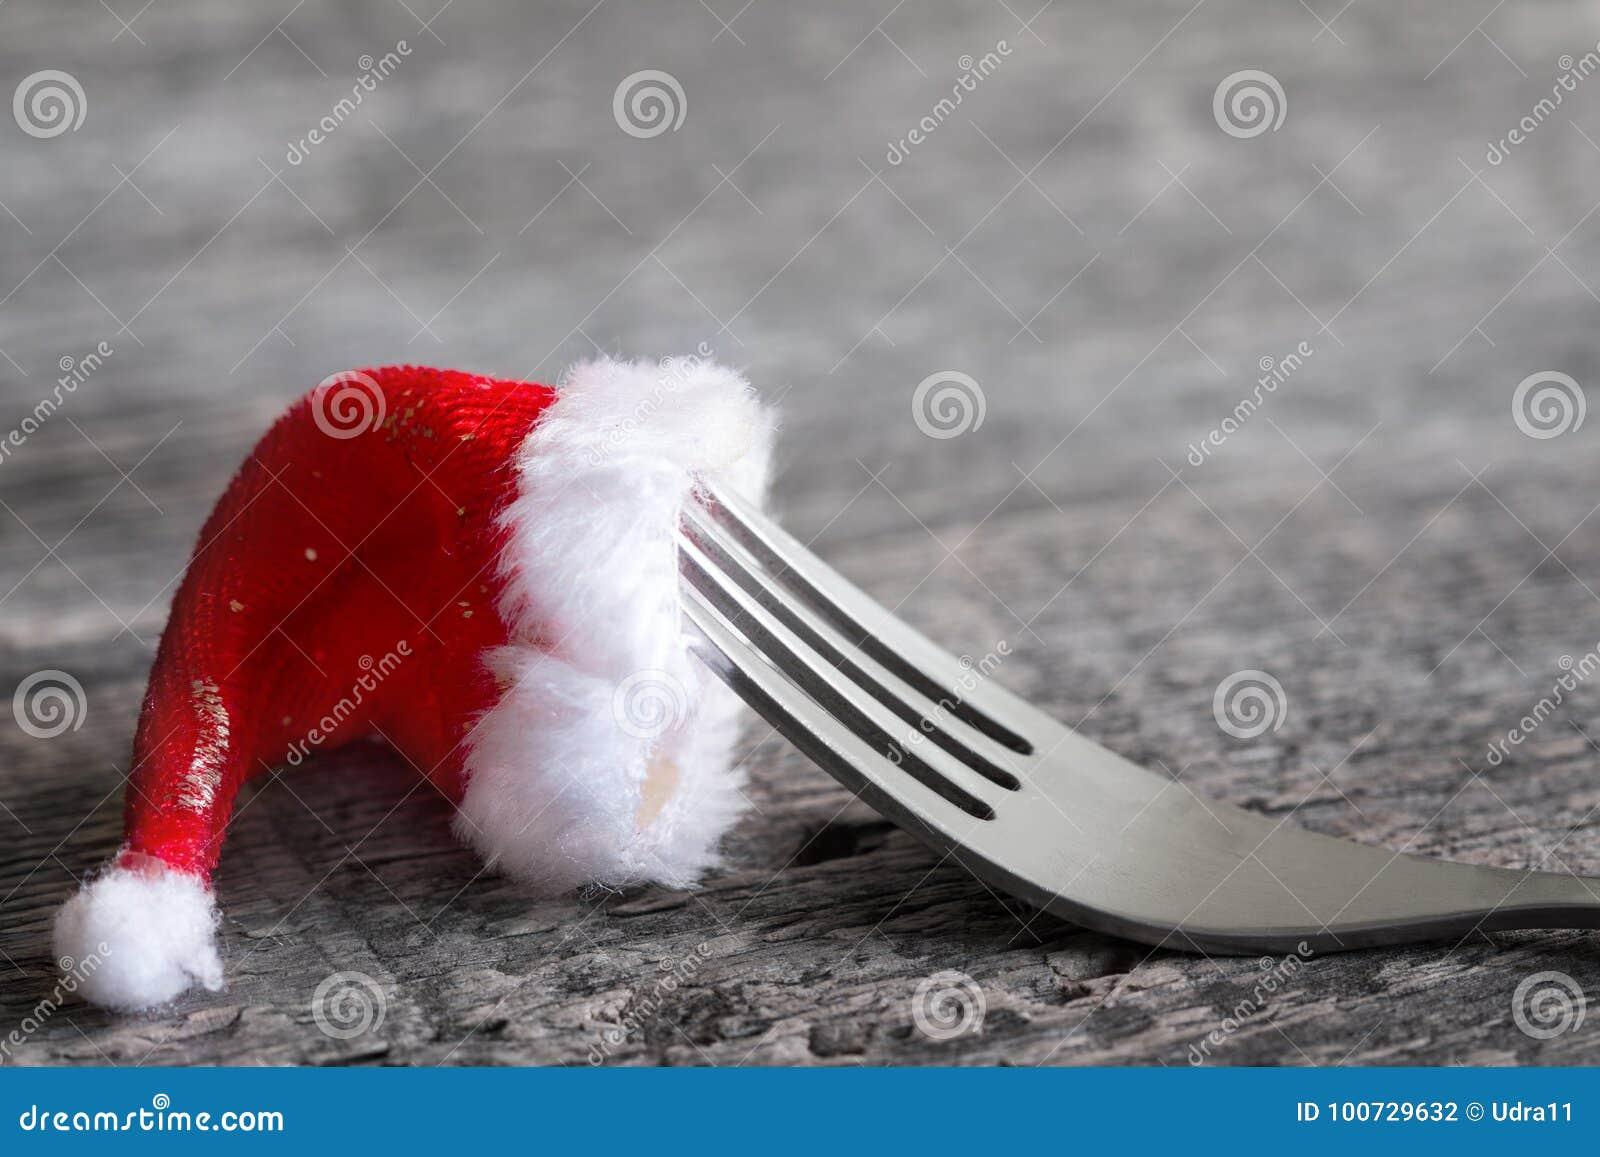 圣诞节食物菜单与叉子的摘要背景和在桌上的圣诞老人帽子